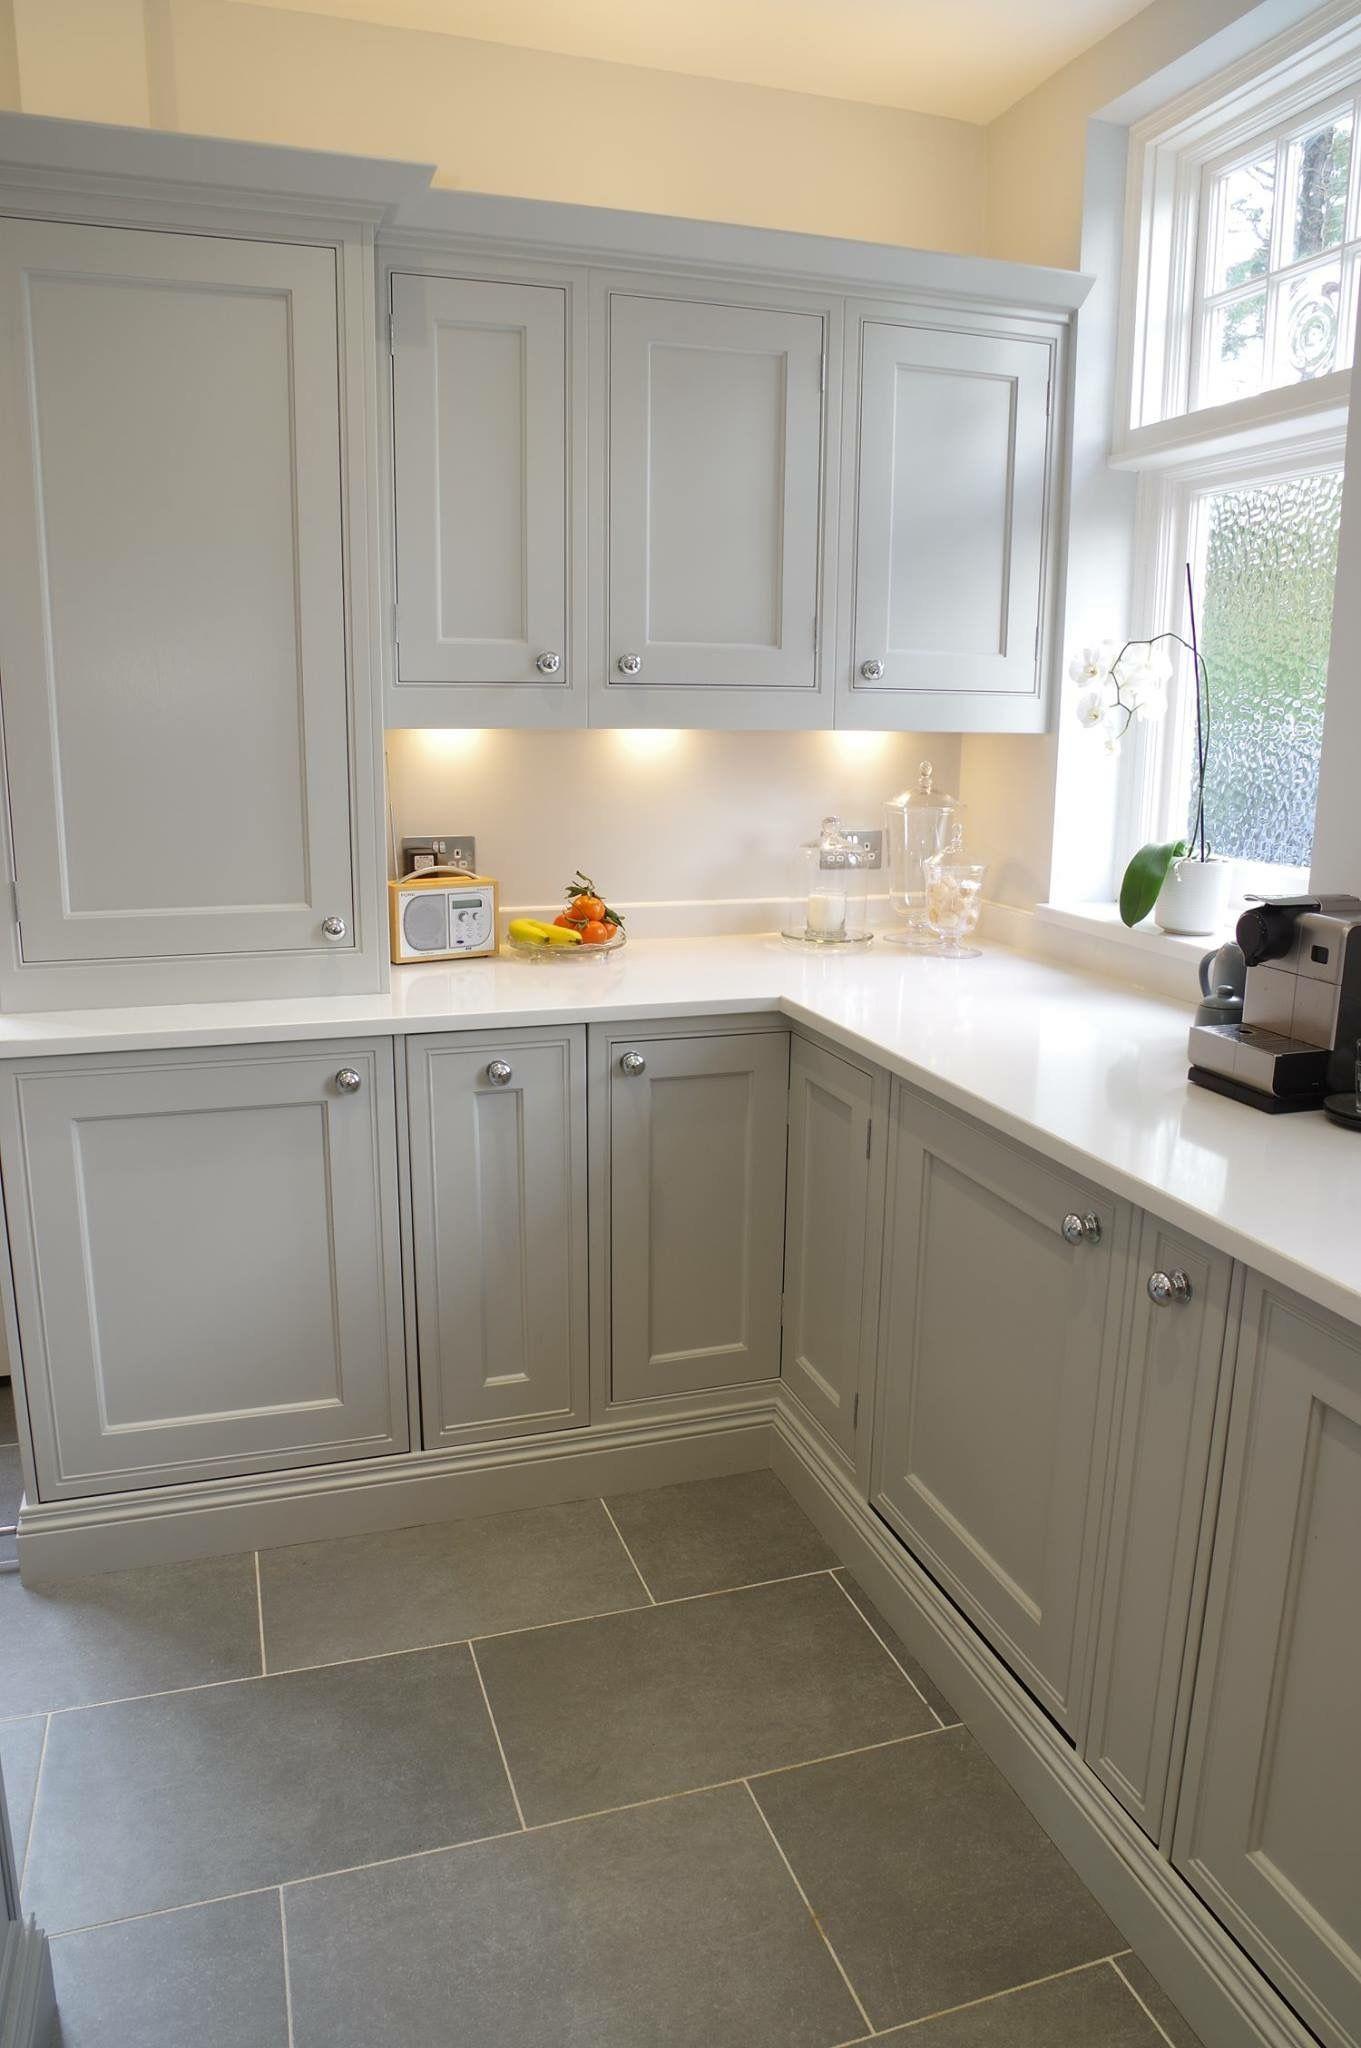 Pin By Minna On Kitchen Home Decor Kitchen Kitchen Design Small Modern Kitchen